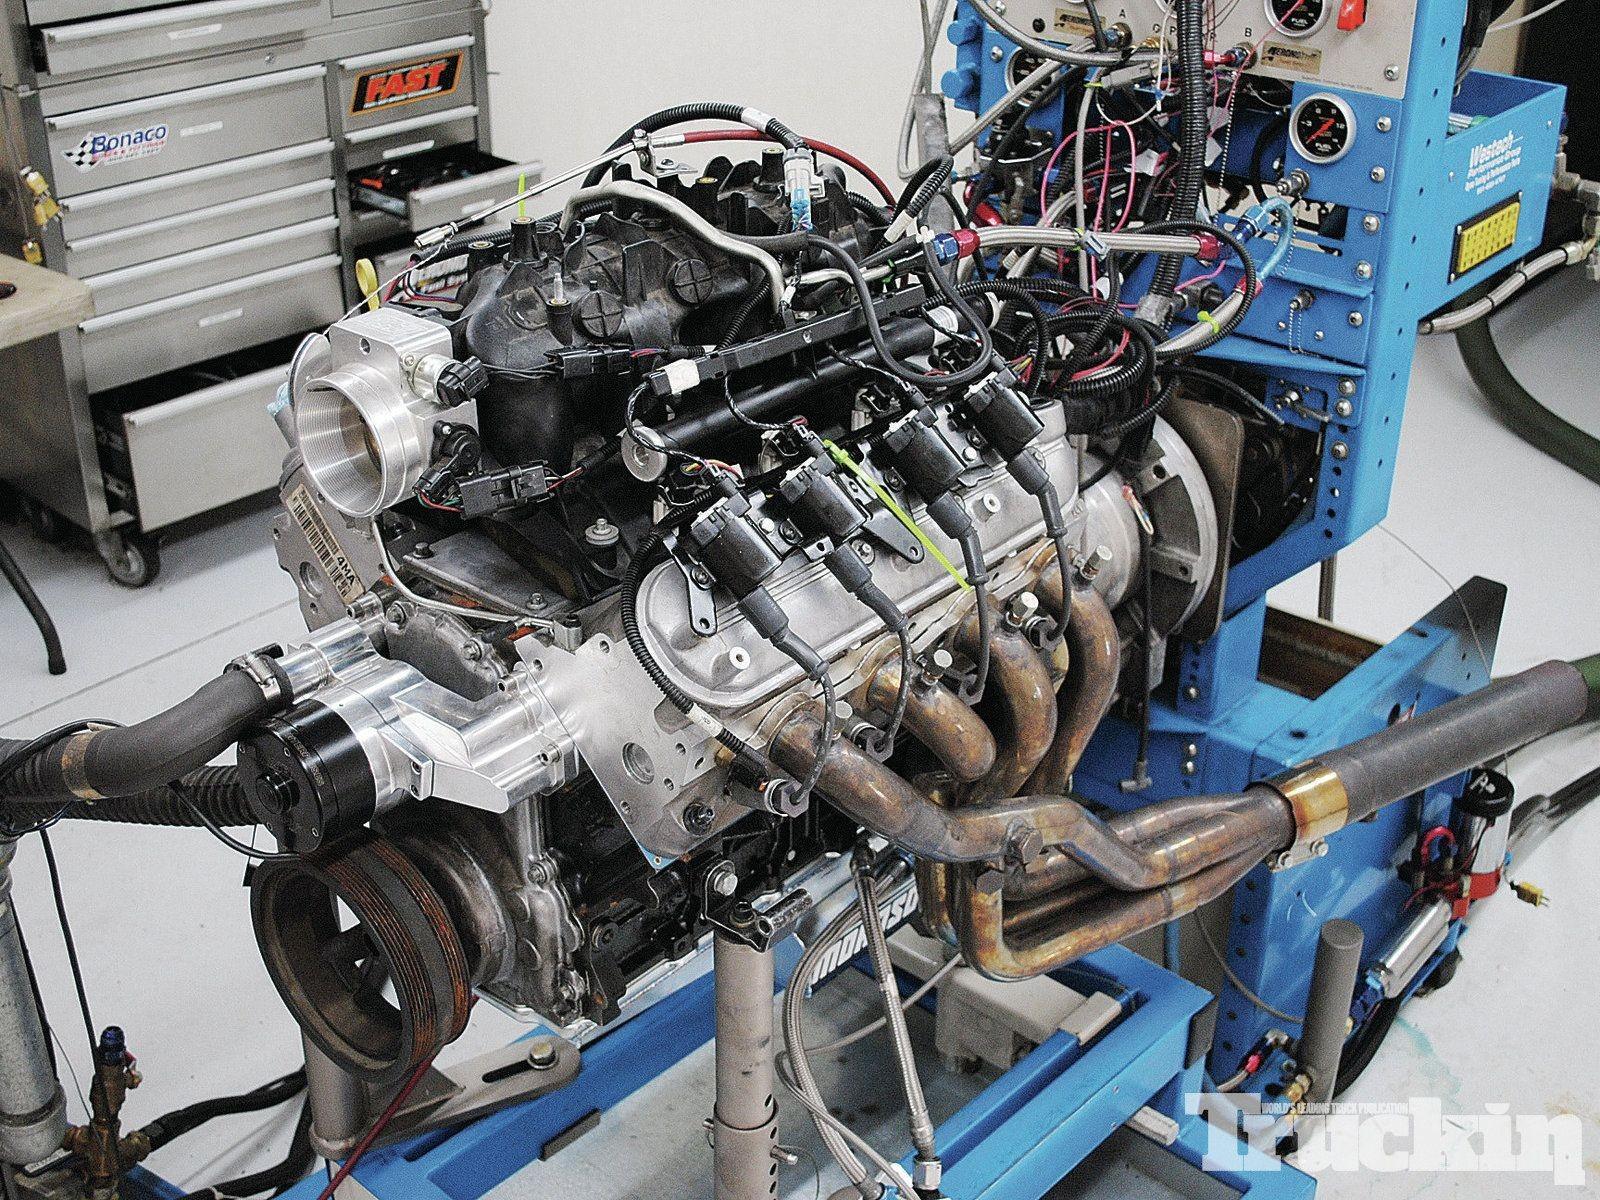 5 3 Vortec Engine Diagram 5 3l Bow Tie Builds Mild to Wild Chevy Lm7 Engines Truckin Magazine Of 5 3 Vortec Engine Diagram